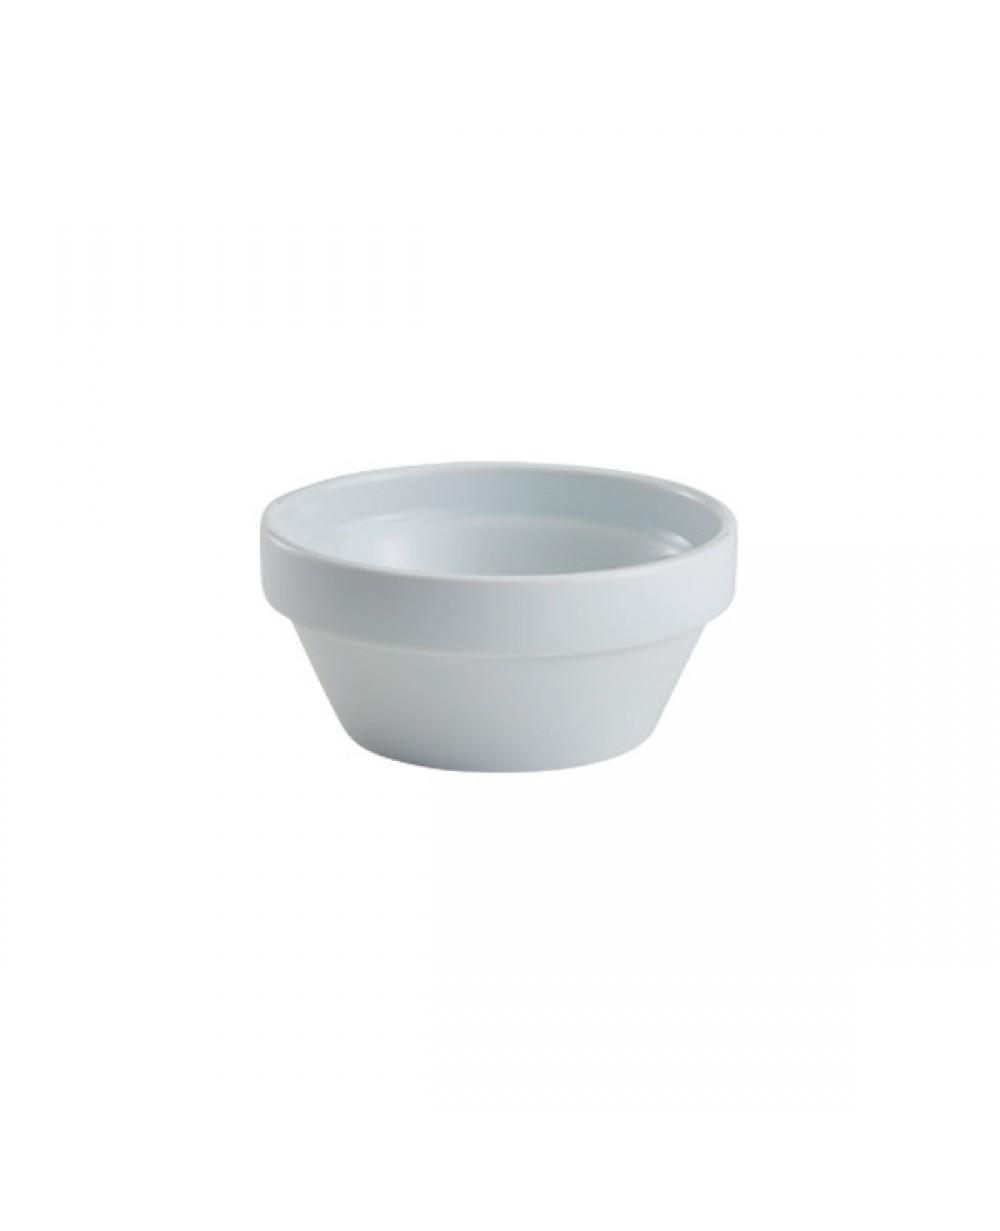 Miska porcelánová 14 cm, 500 ml